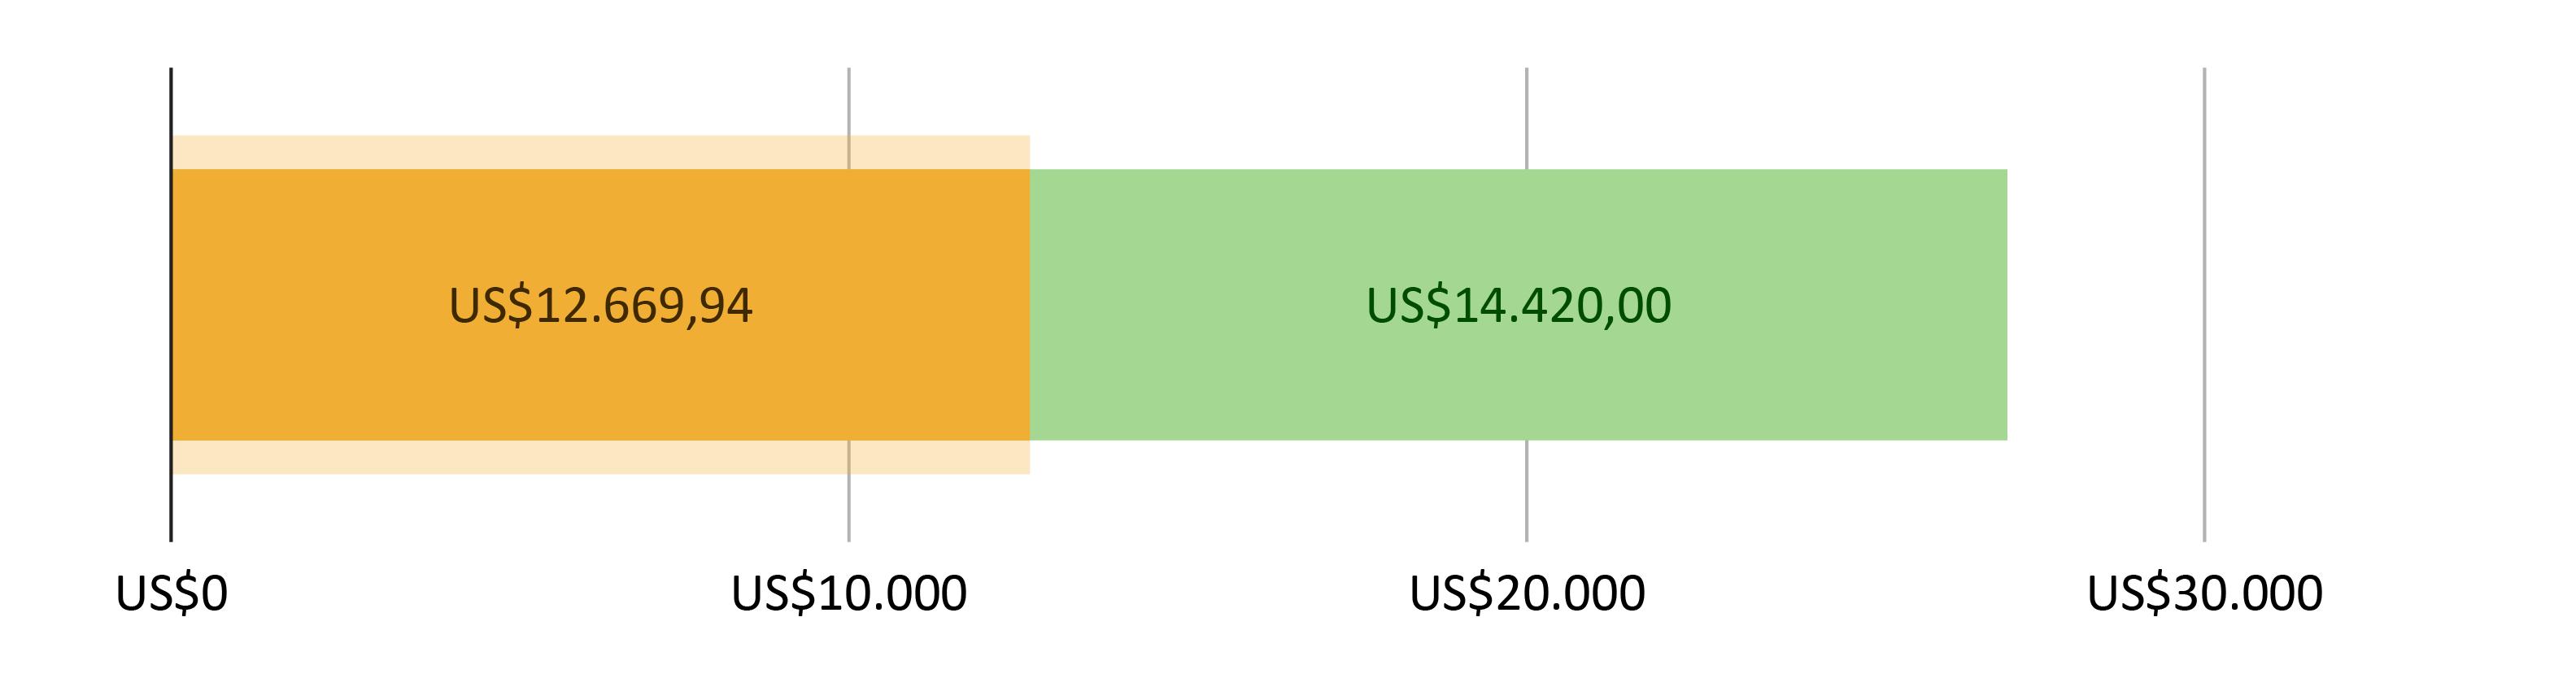 Menggunakan US$12,669.94; tersisa US$14,420.00